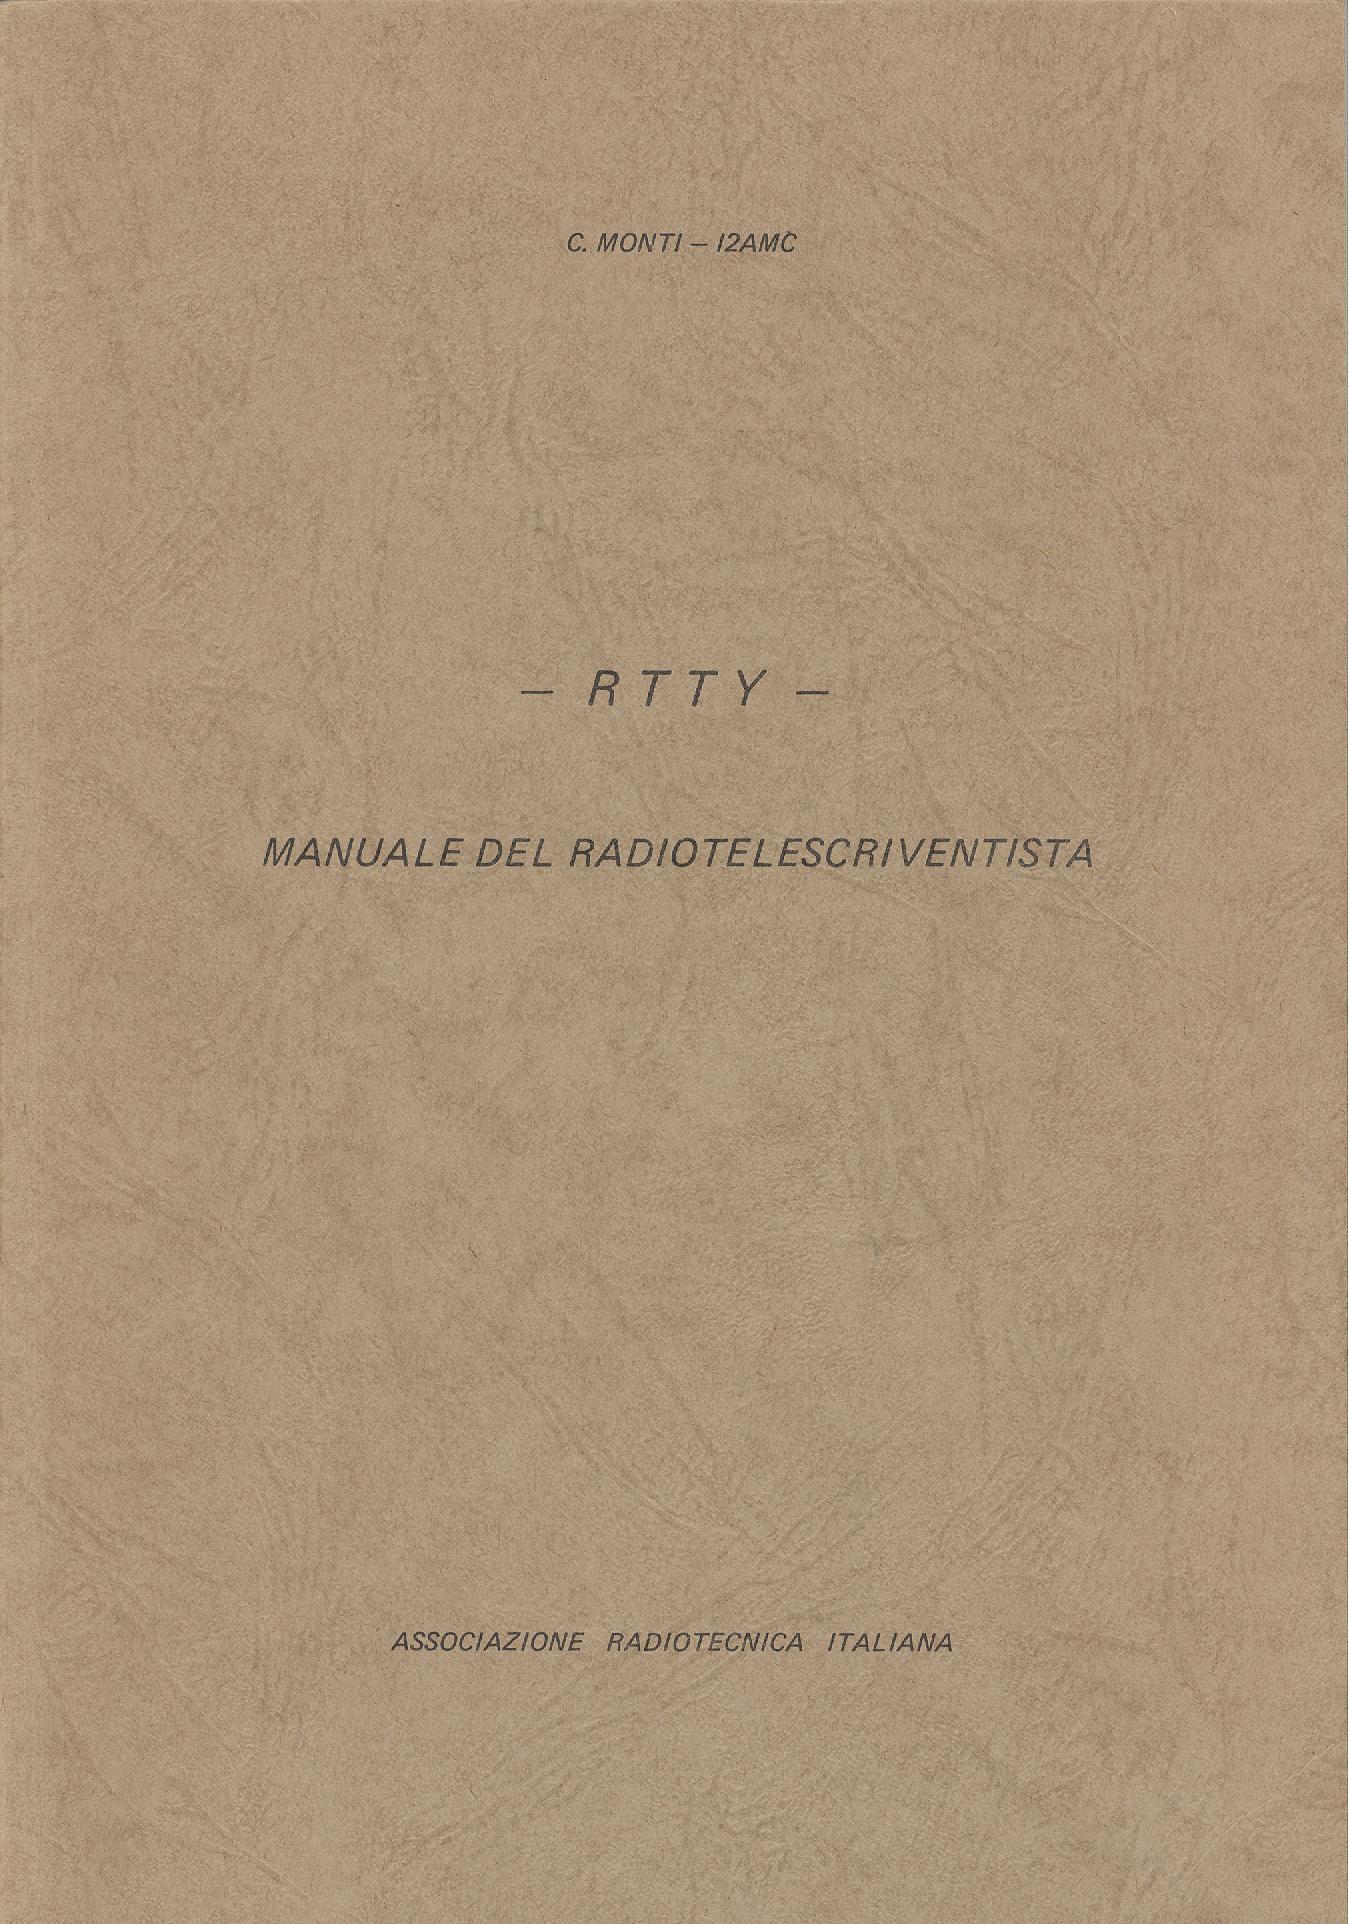 RTTY - Manuale del telescriventista